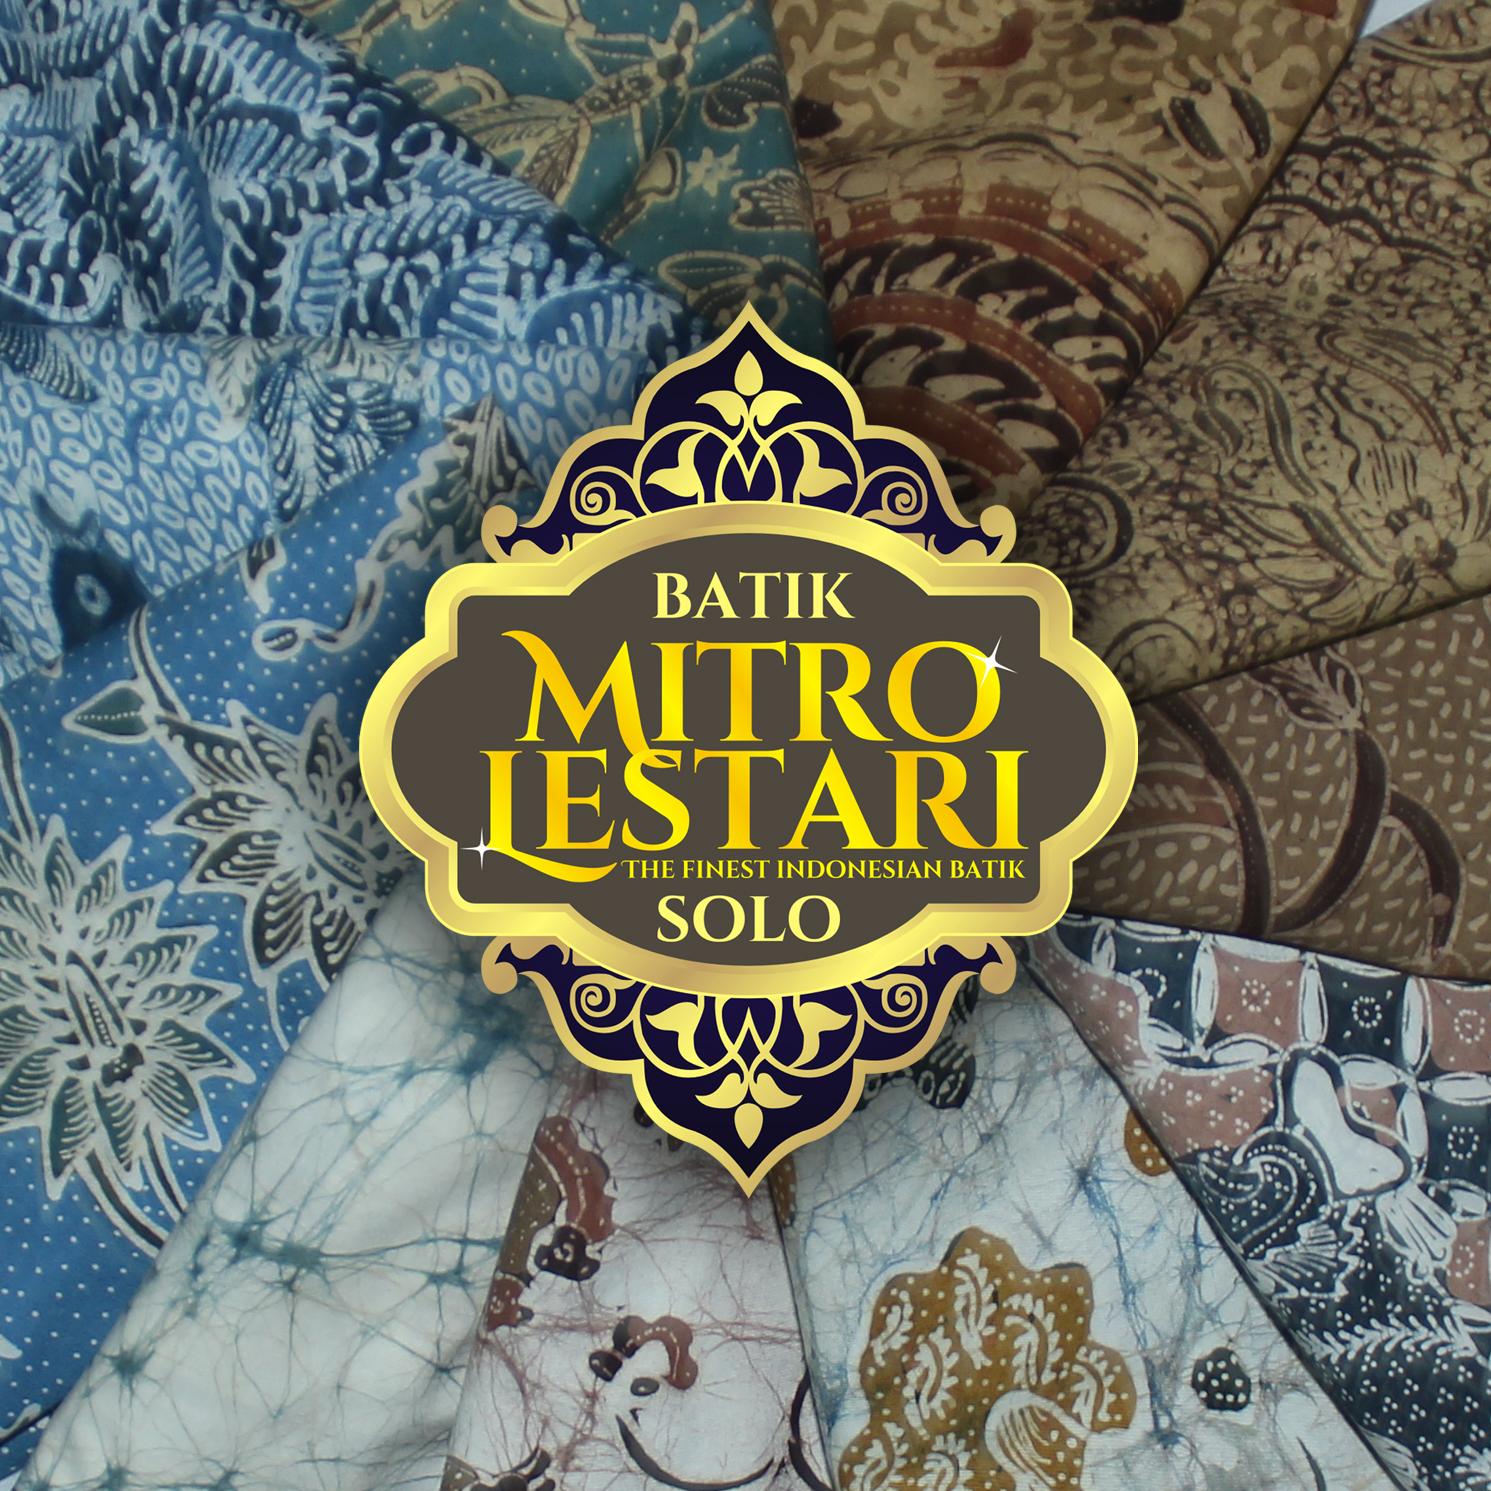 Harga Batik Tulis Asli: Jual Batik Tulis Warna Alam Asli Solo